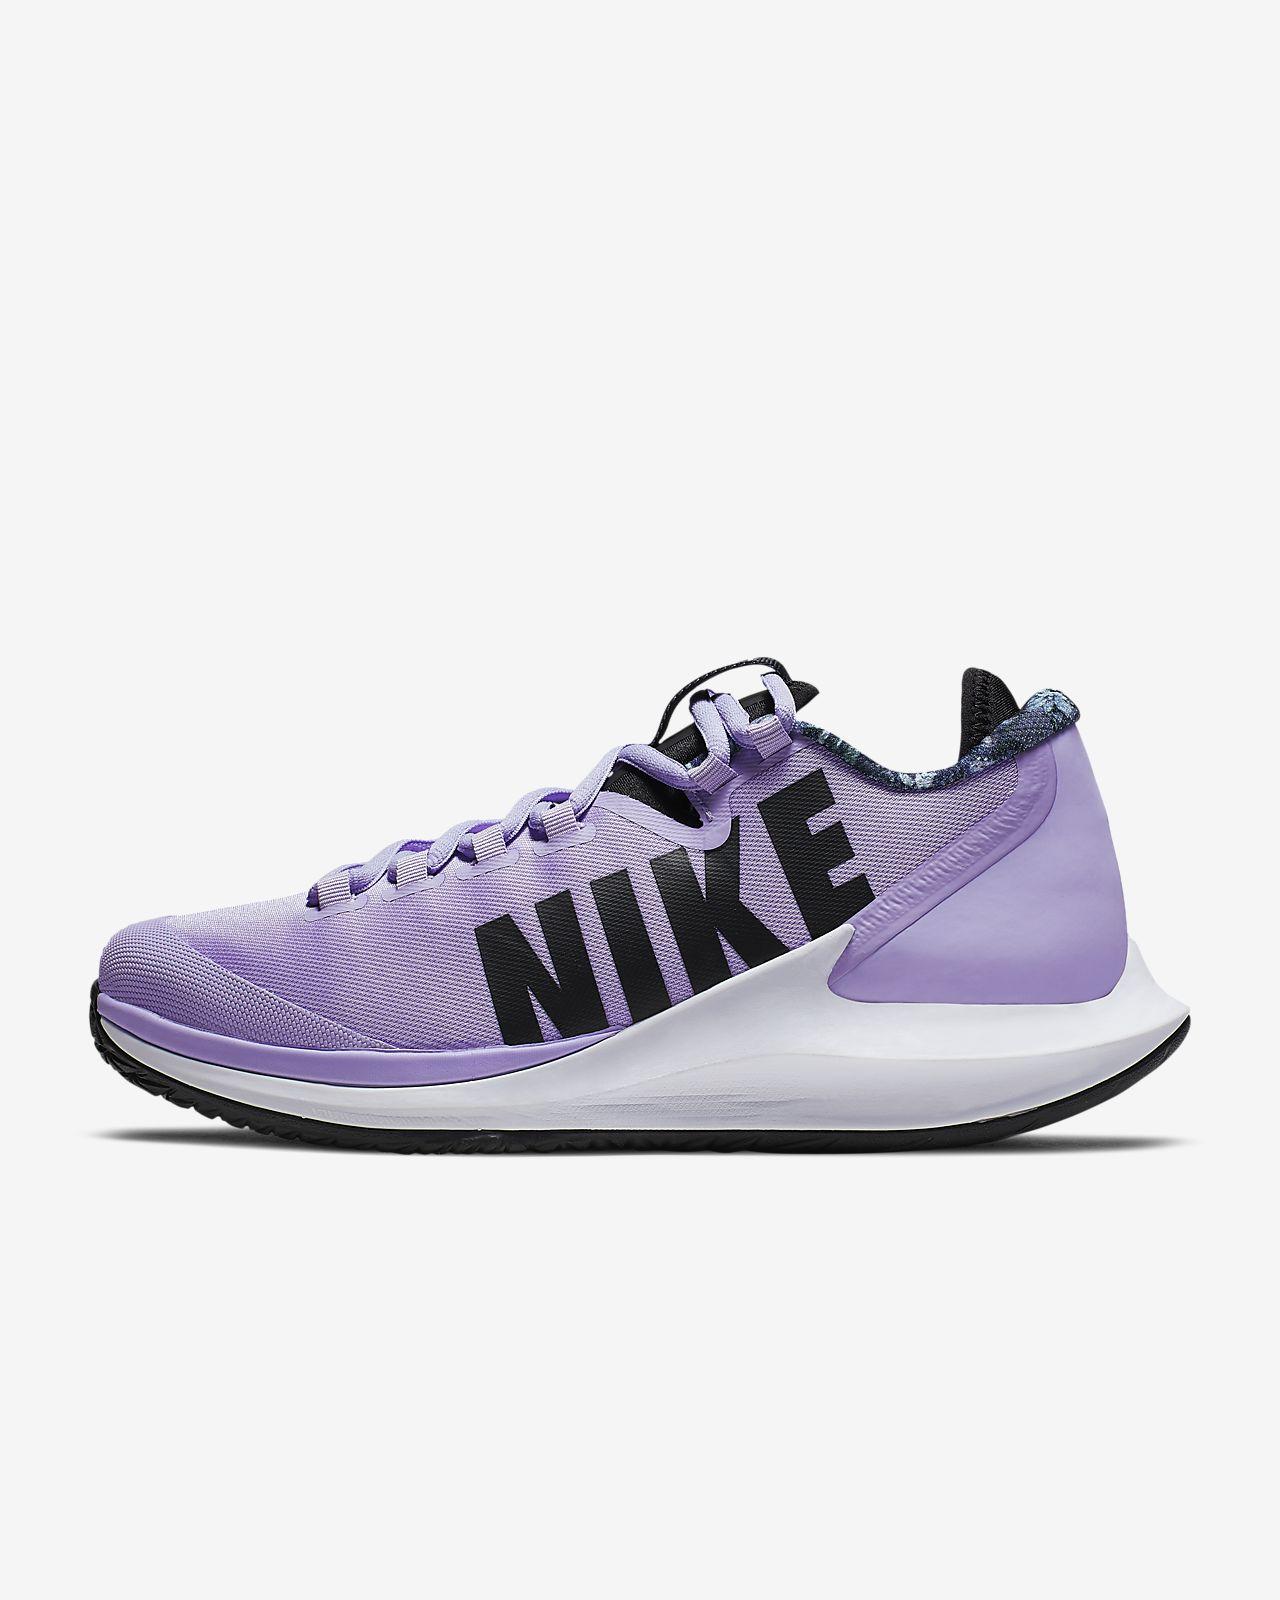 c28dd3dcfa29 Chaussure de tennis NikeCourt Air Zoom Zero pour Femme. Nike.com FR